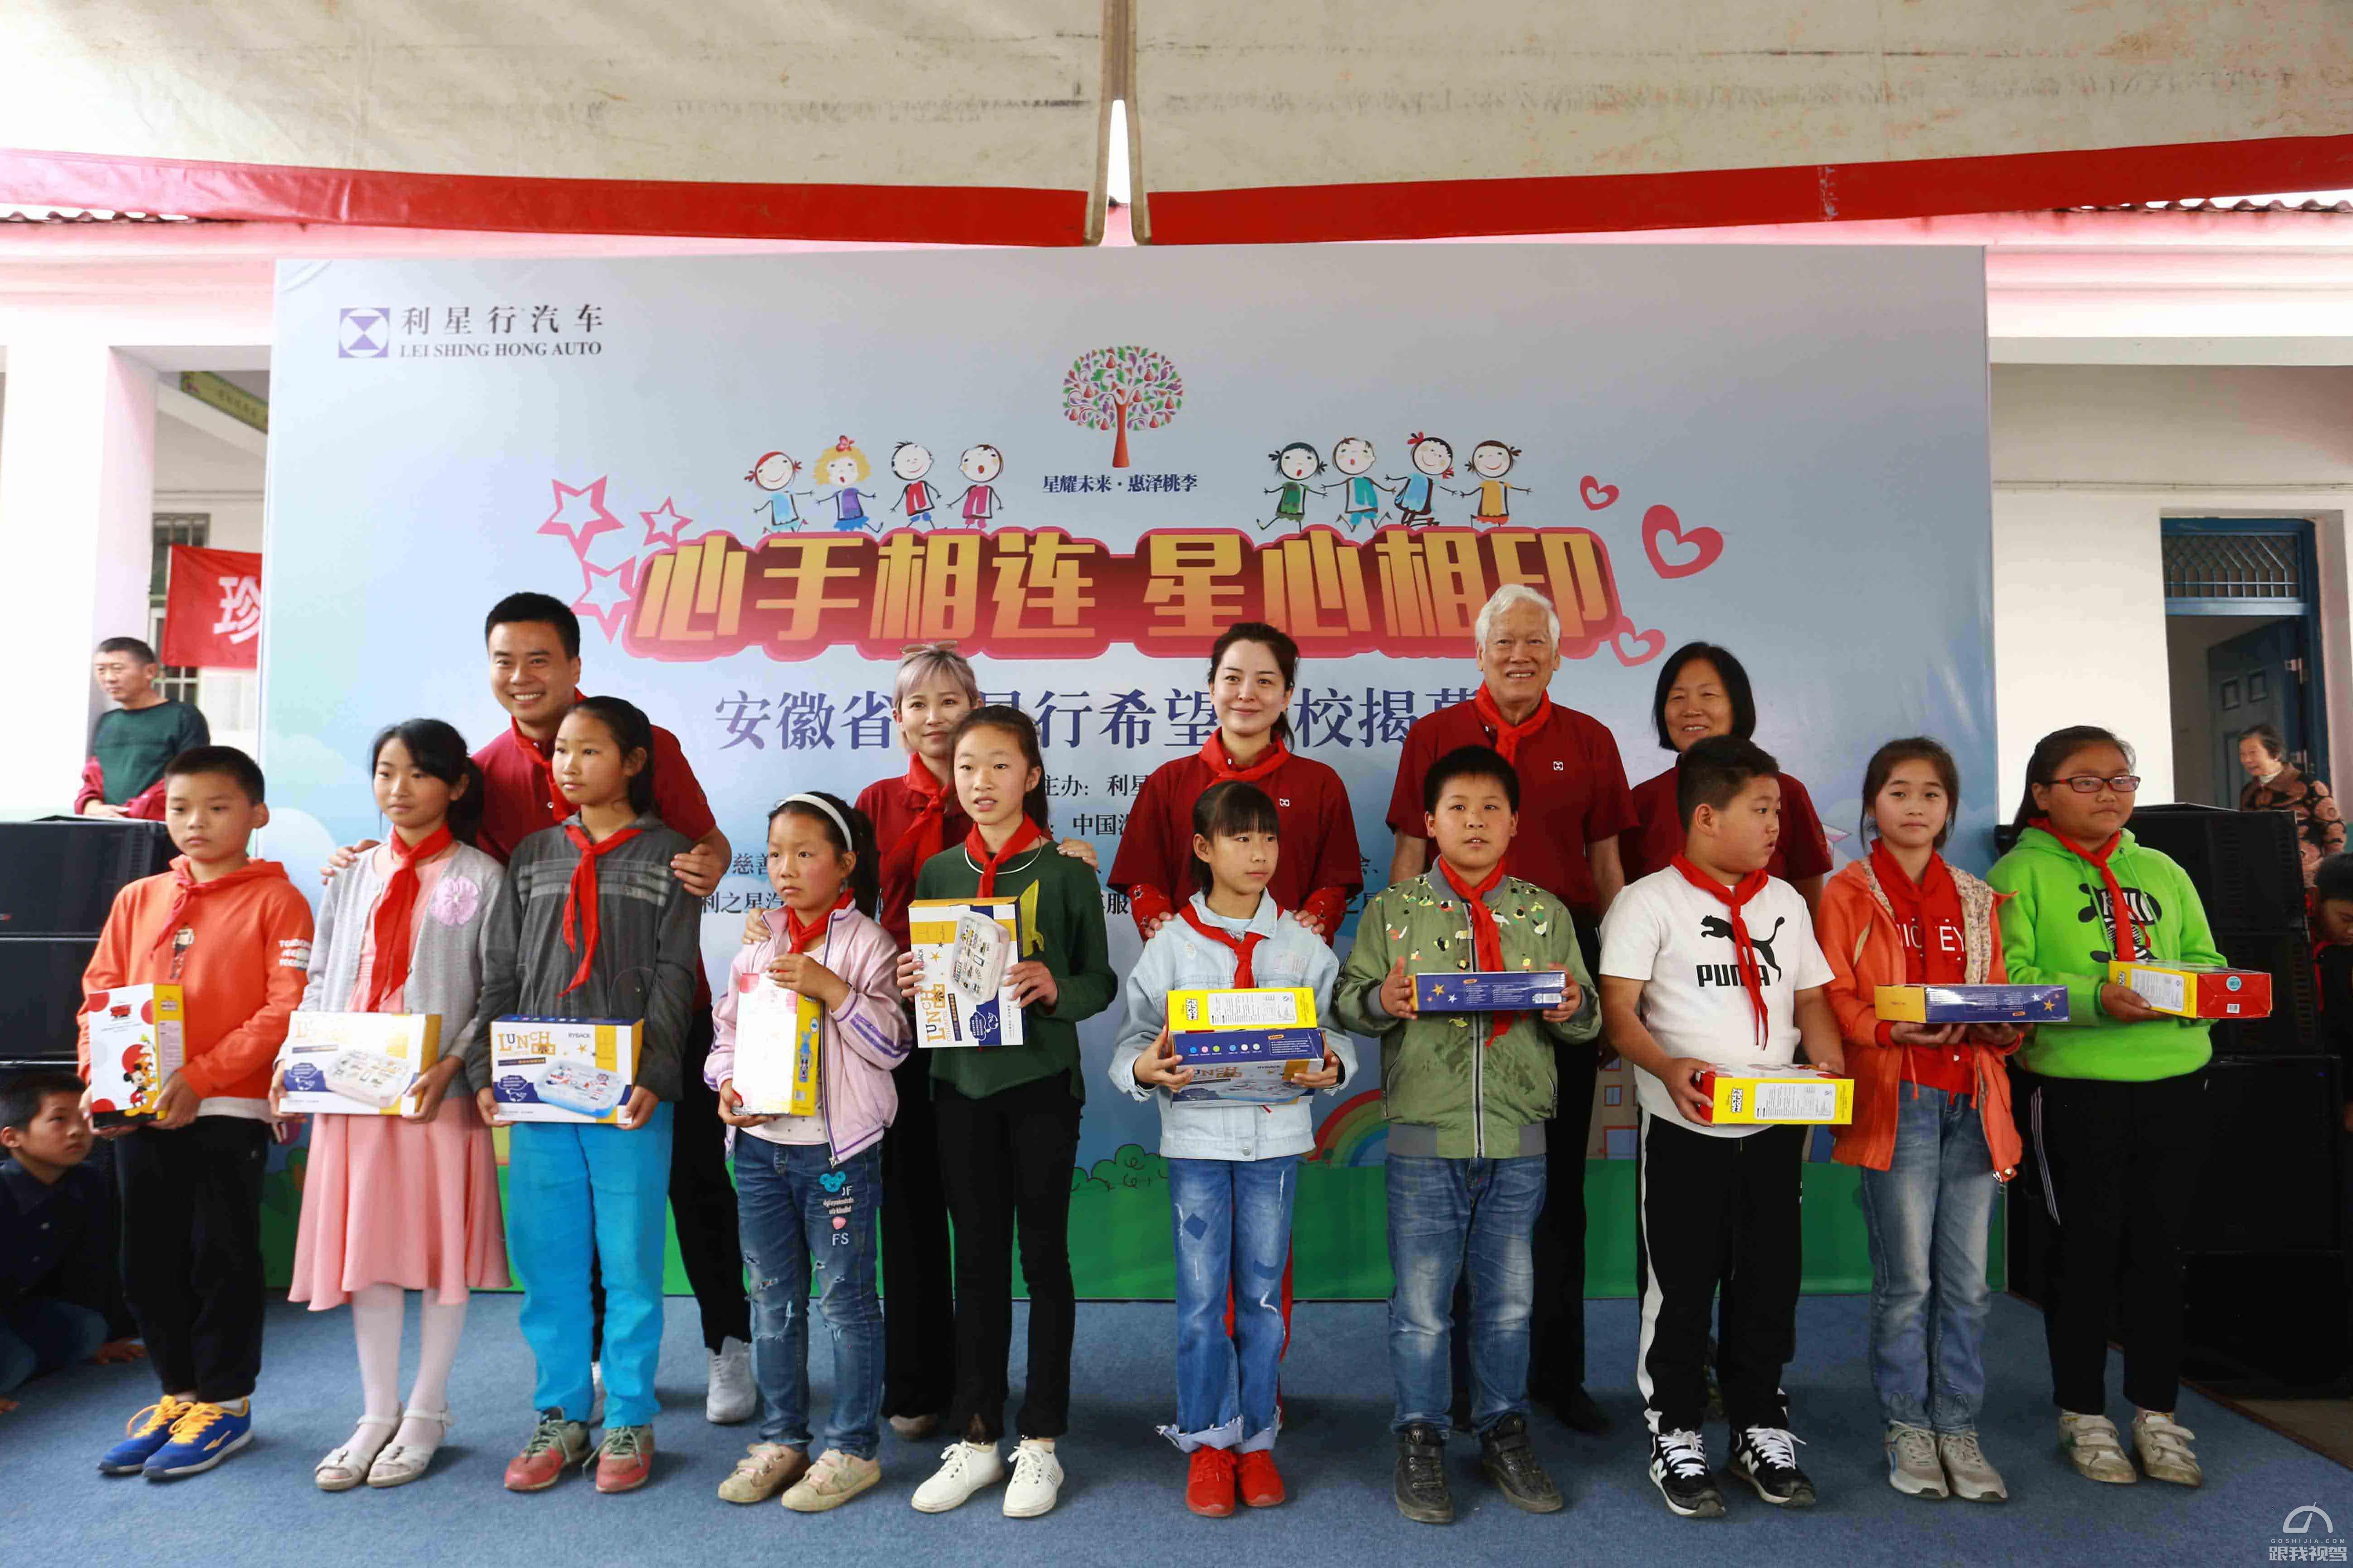 利星行安徽两所希望学校揭幕v孩子孩子们心里怀柔小学杨宋镇图片